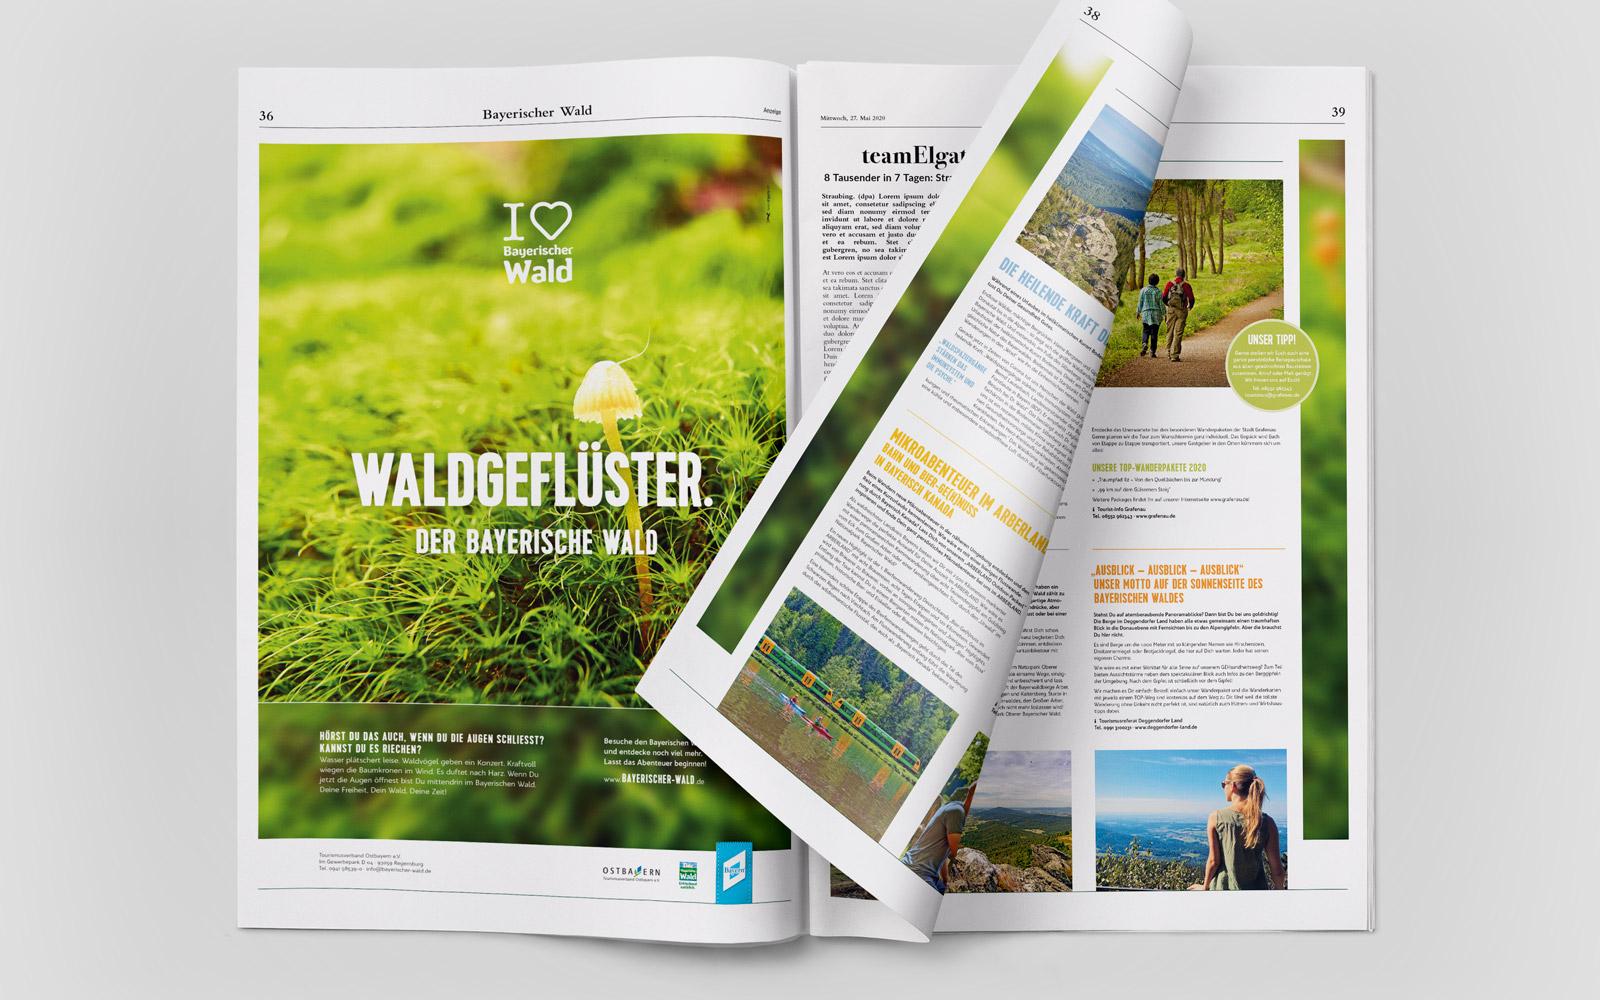 Imagekampagne »I love Bayerische Wald« – Dreiseitige Zeitungsanzeige »Waldgeflüster«